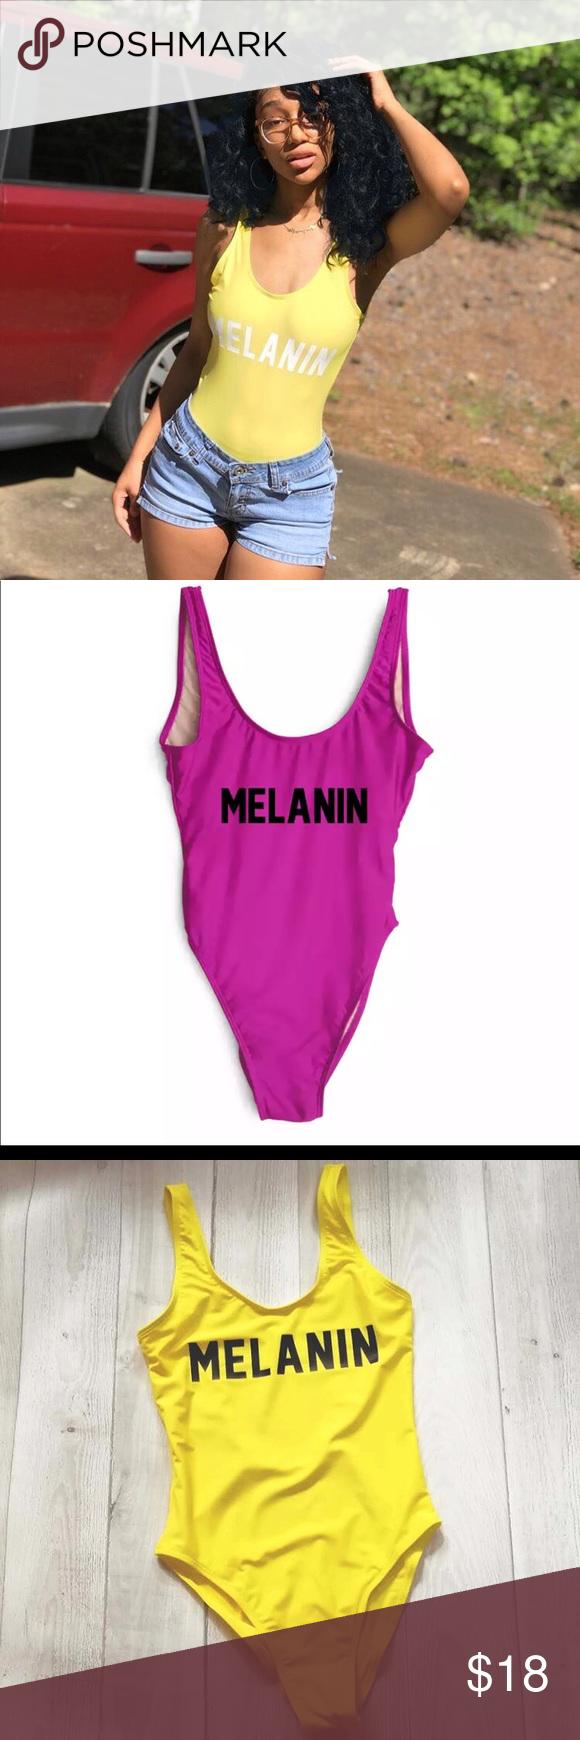 870fd6818ff9f Melanin poppin One Piece Swimsuit MELANIN Letter Printing Swimwear Women  High Cut Low Back Bathing Suit Pink Monokini Bodysuit Beachwear Girls Swim  One ...